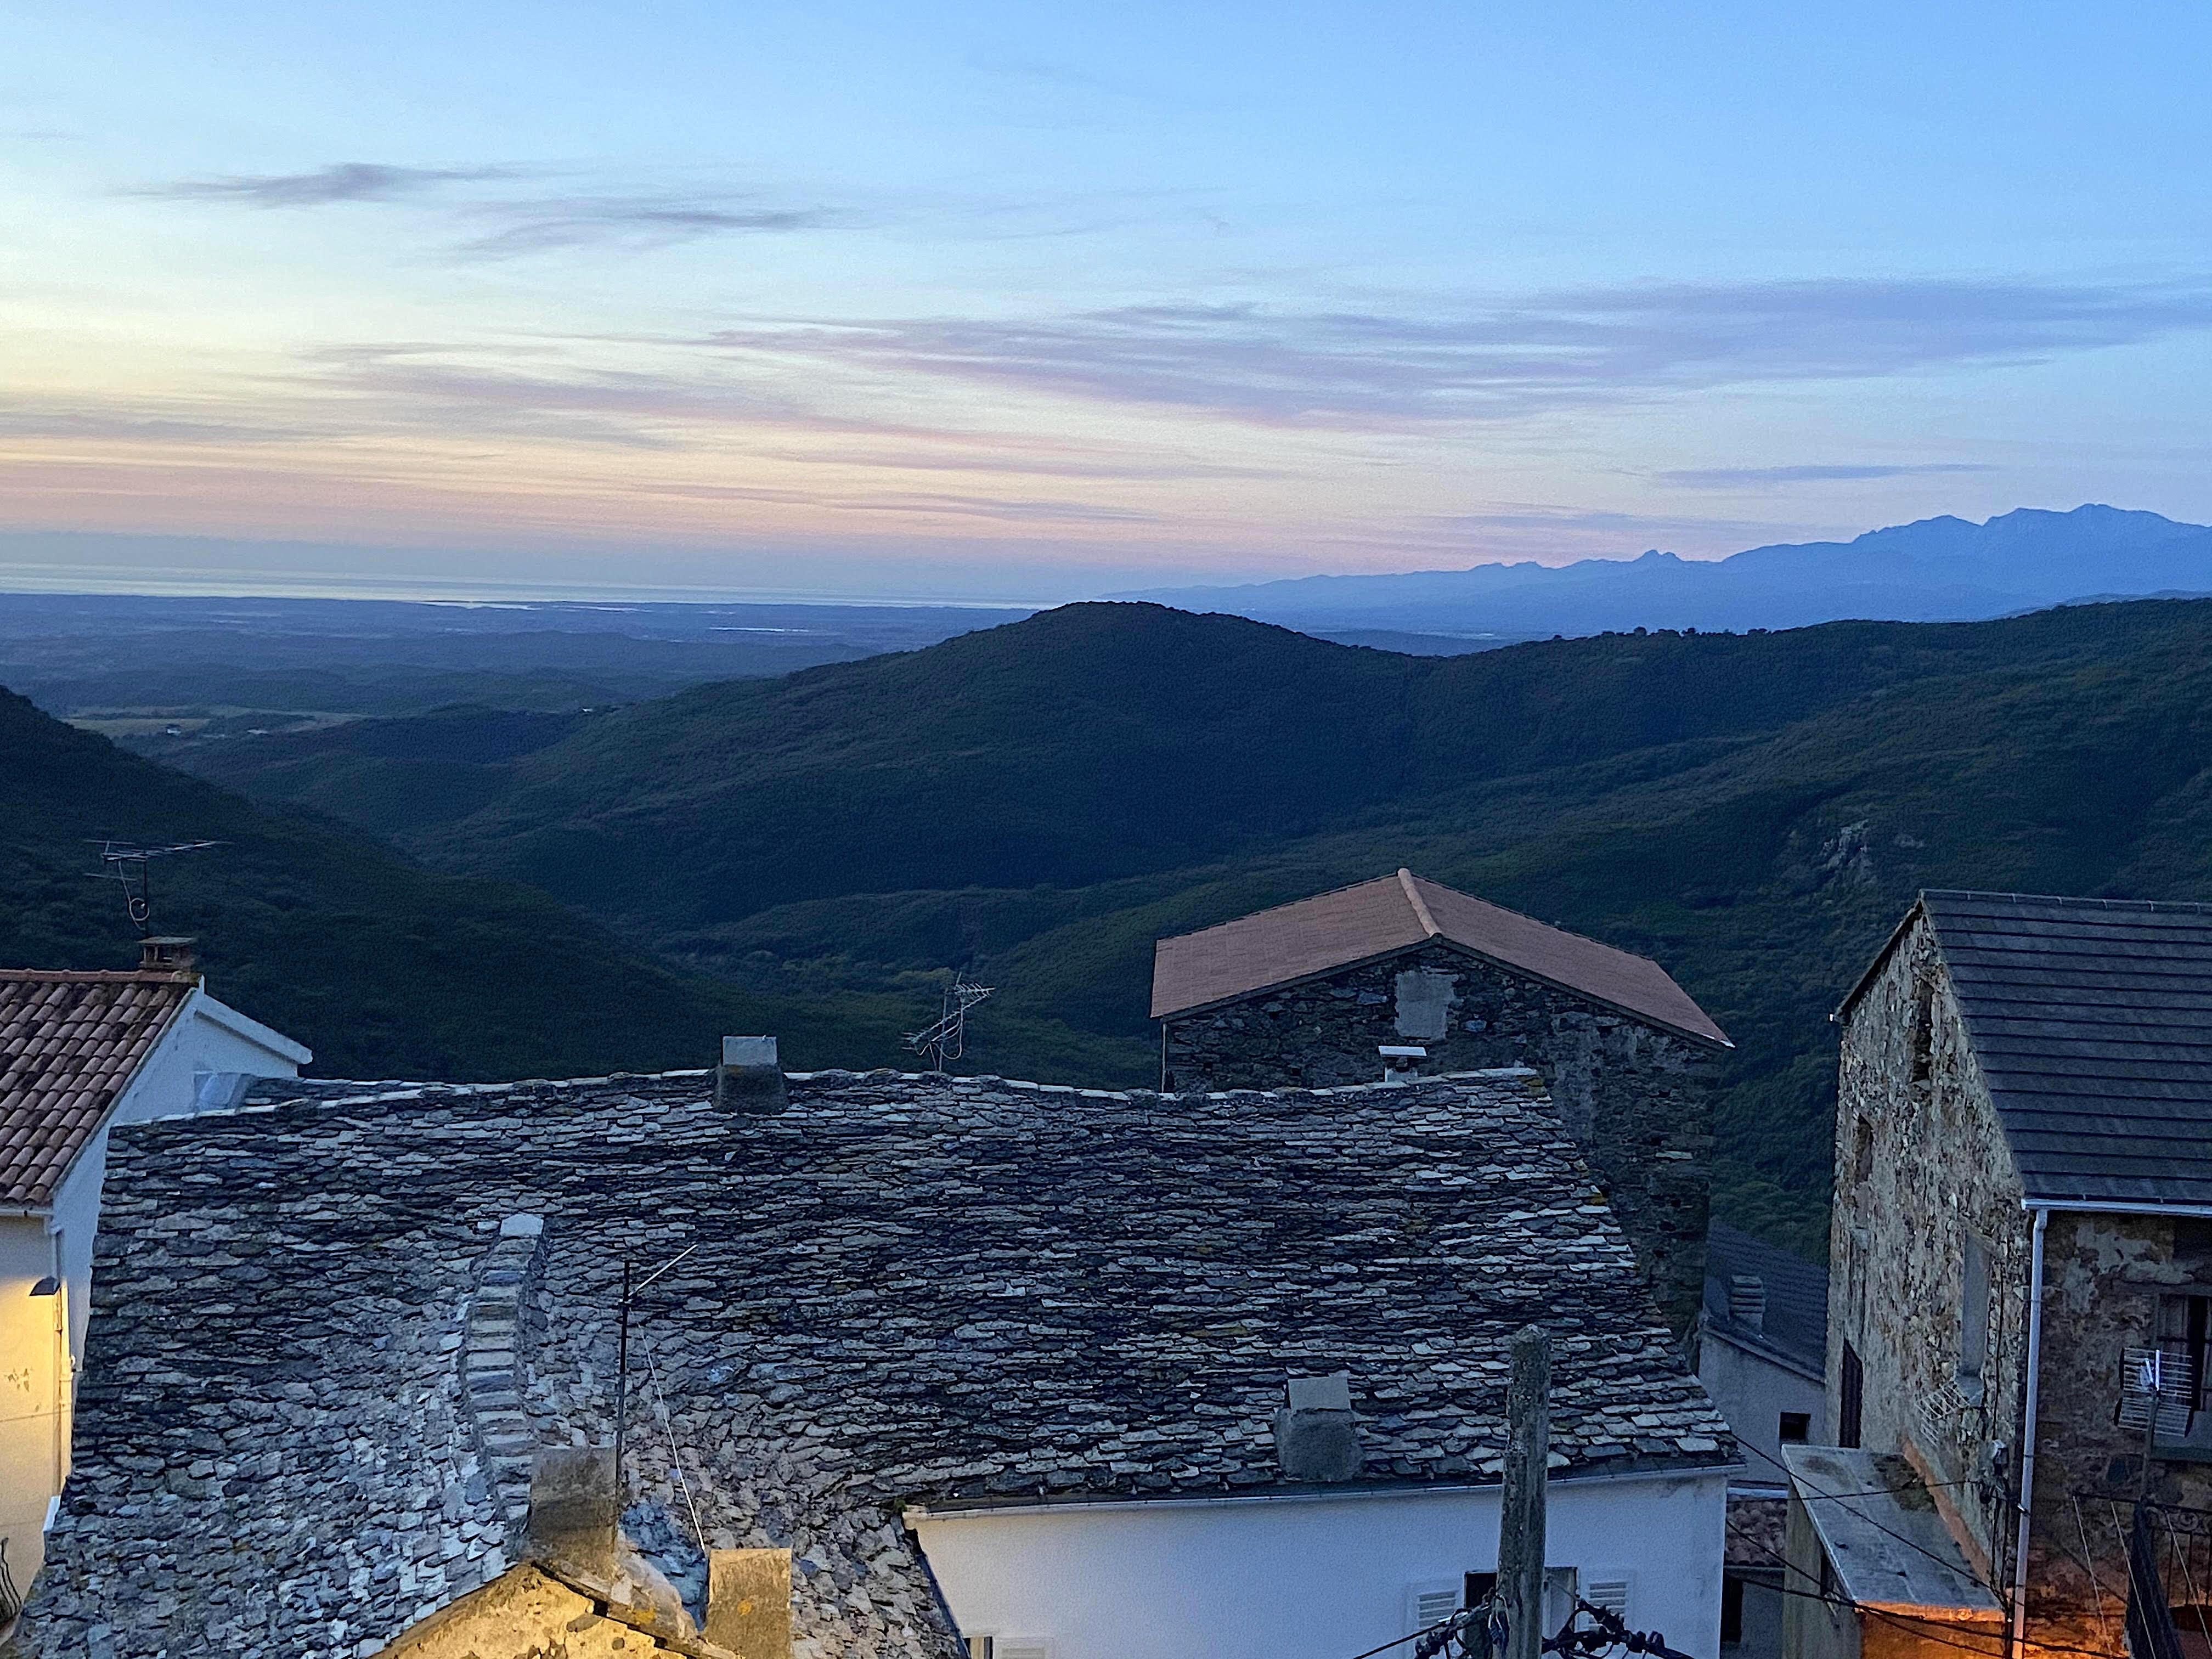 Lever du jour sur la mer et l'étang de Diana contemplé depuis le village de Tox. (Ghjuvanna et Petru Micheli)